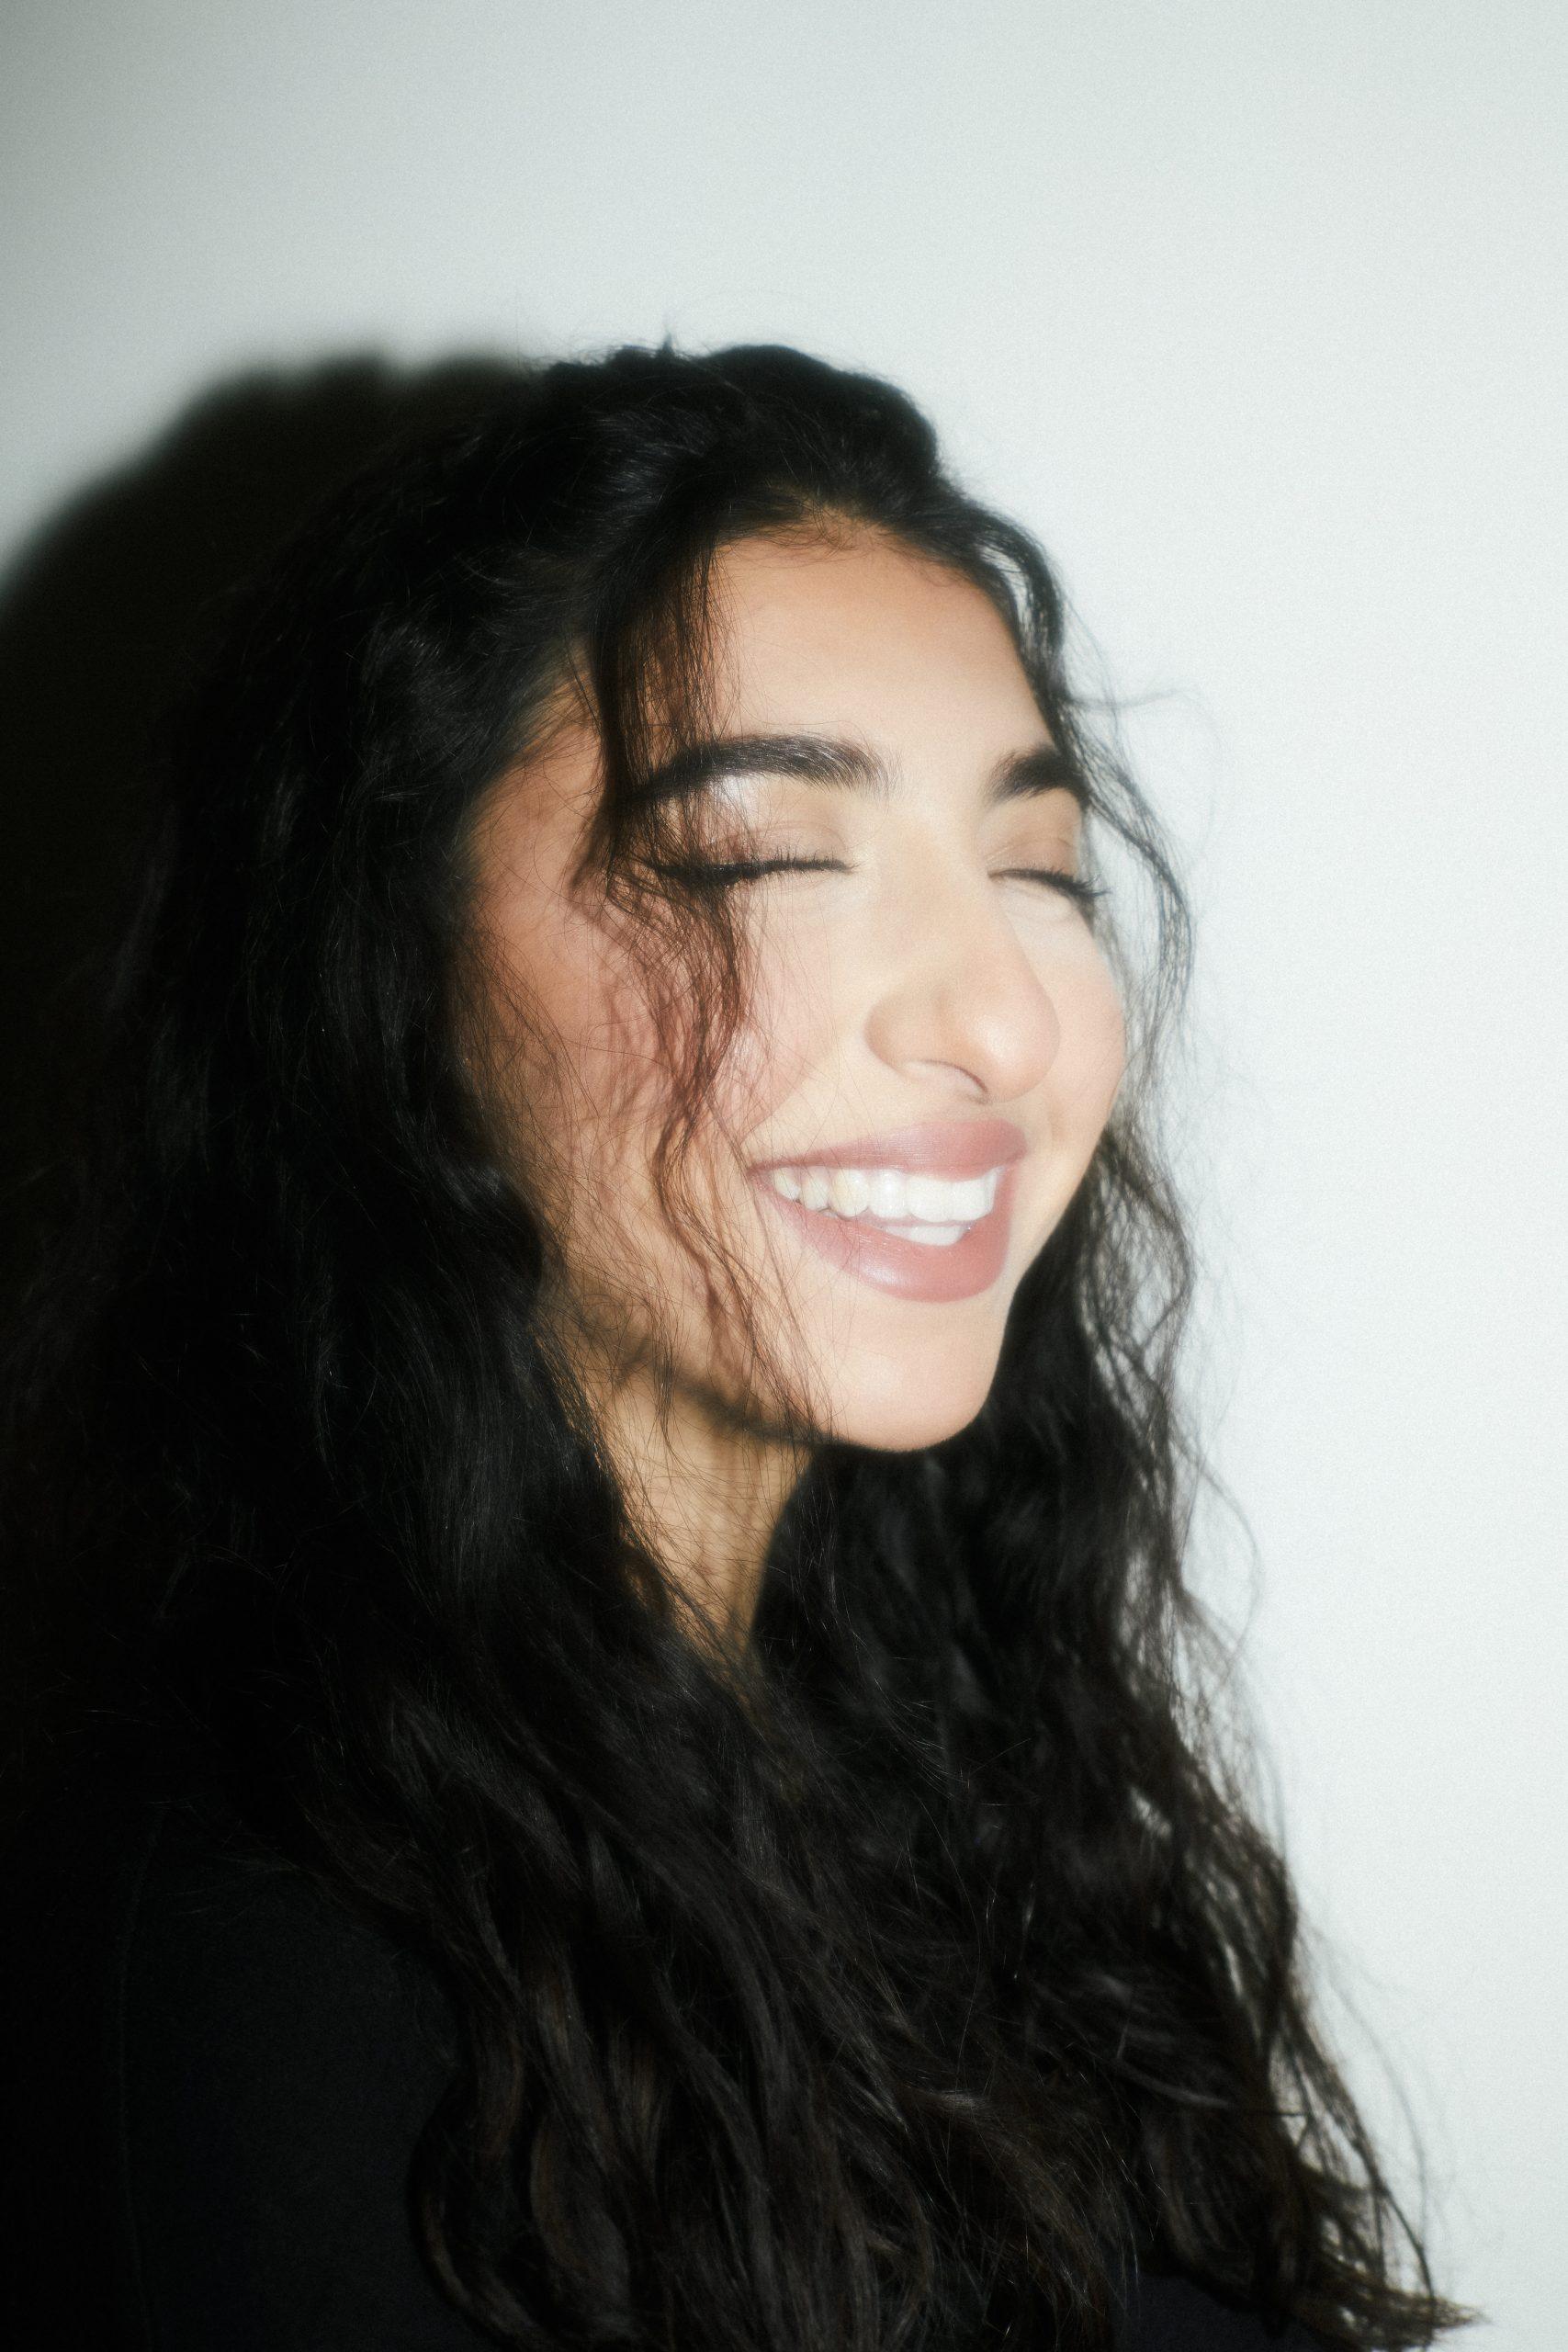 Maria_05 – Young Talent